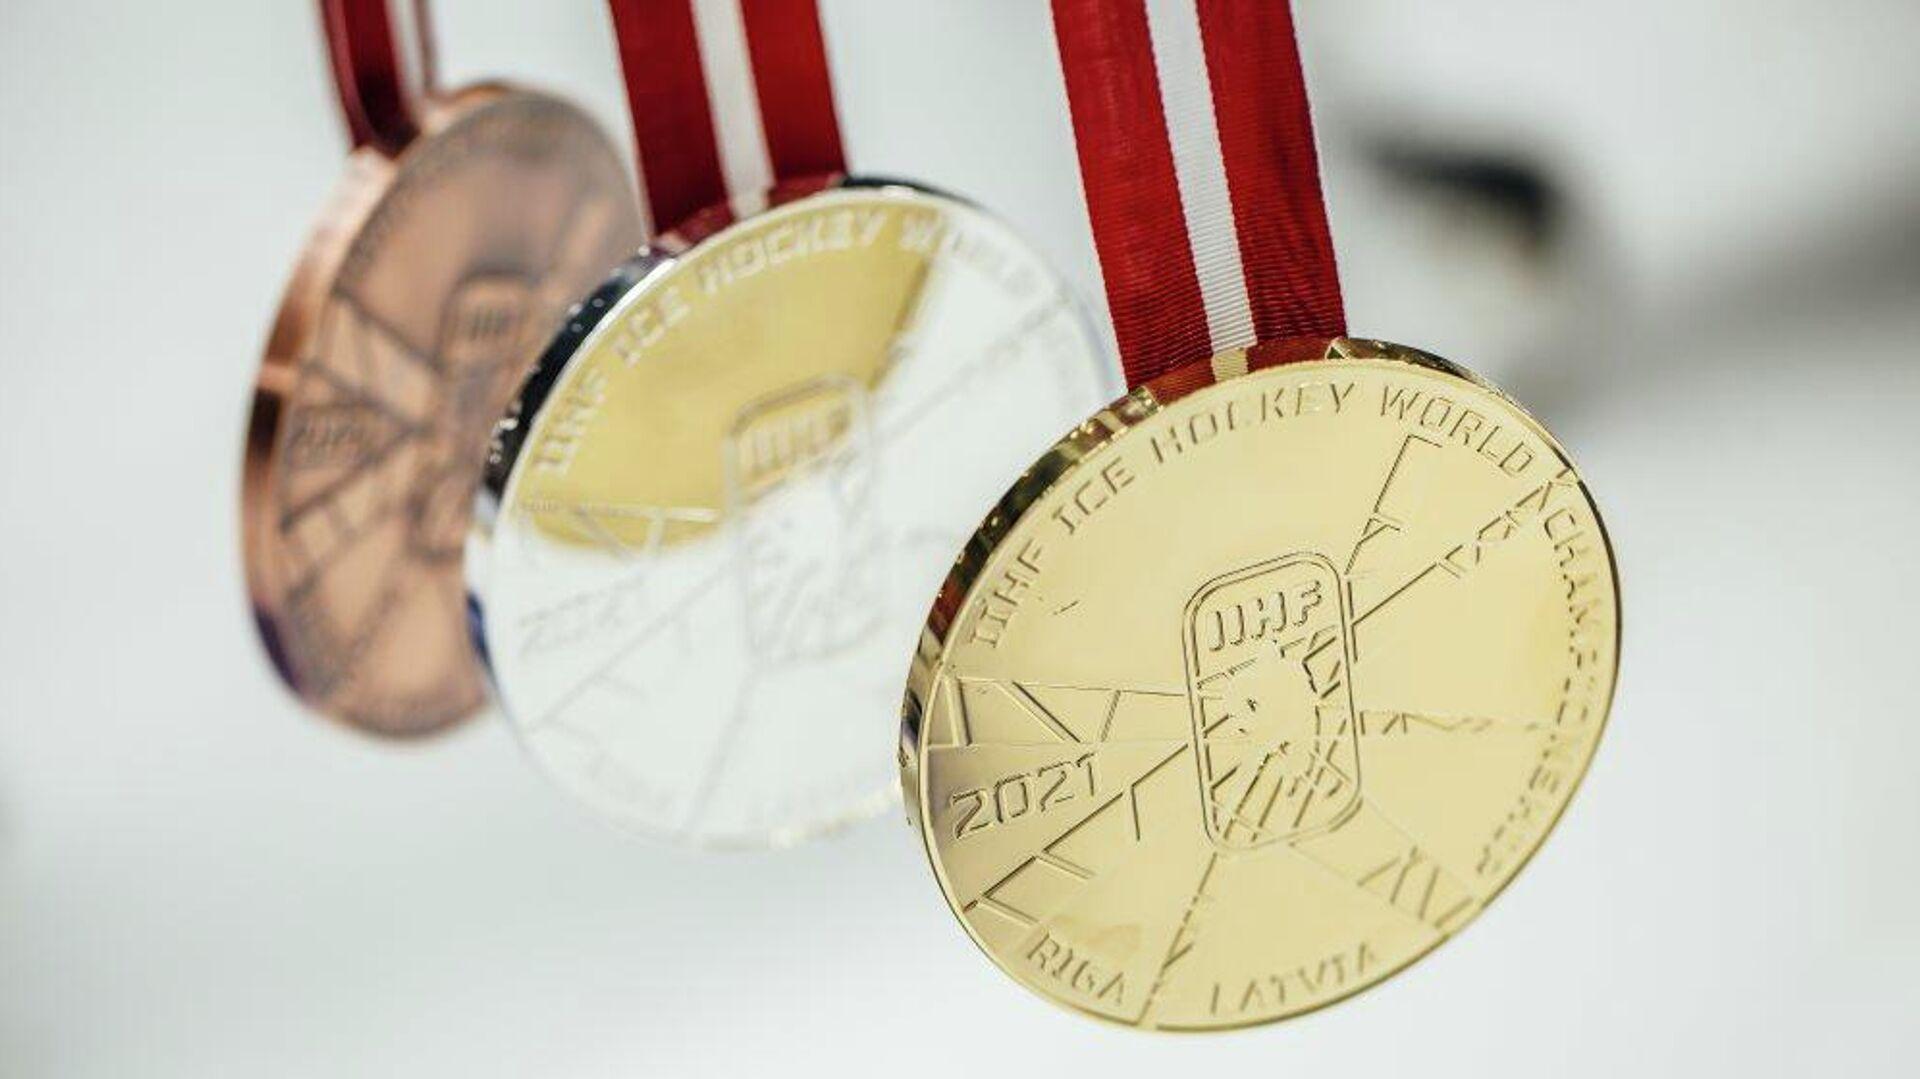 Медали чемпионата мира по хоккею - РИА Новости, 1920, 25.05.2021